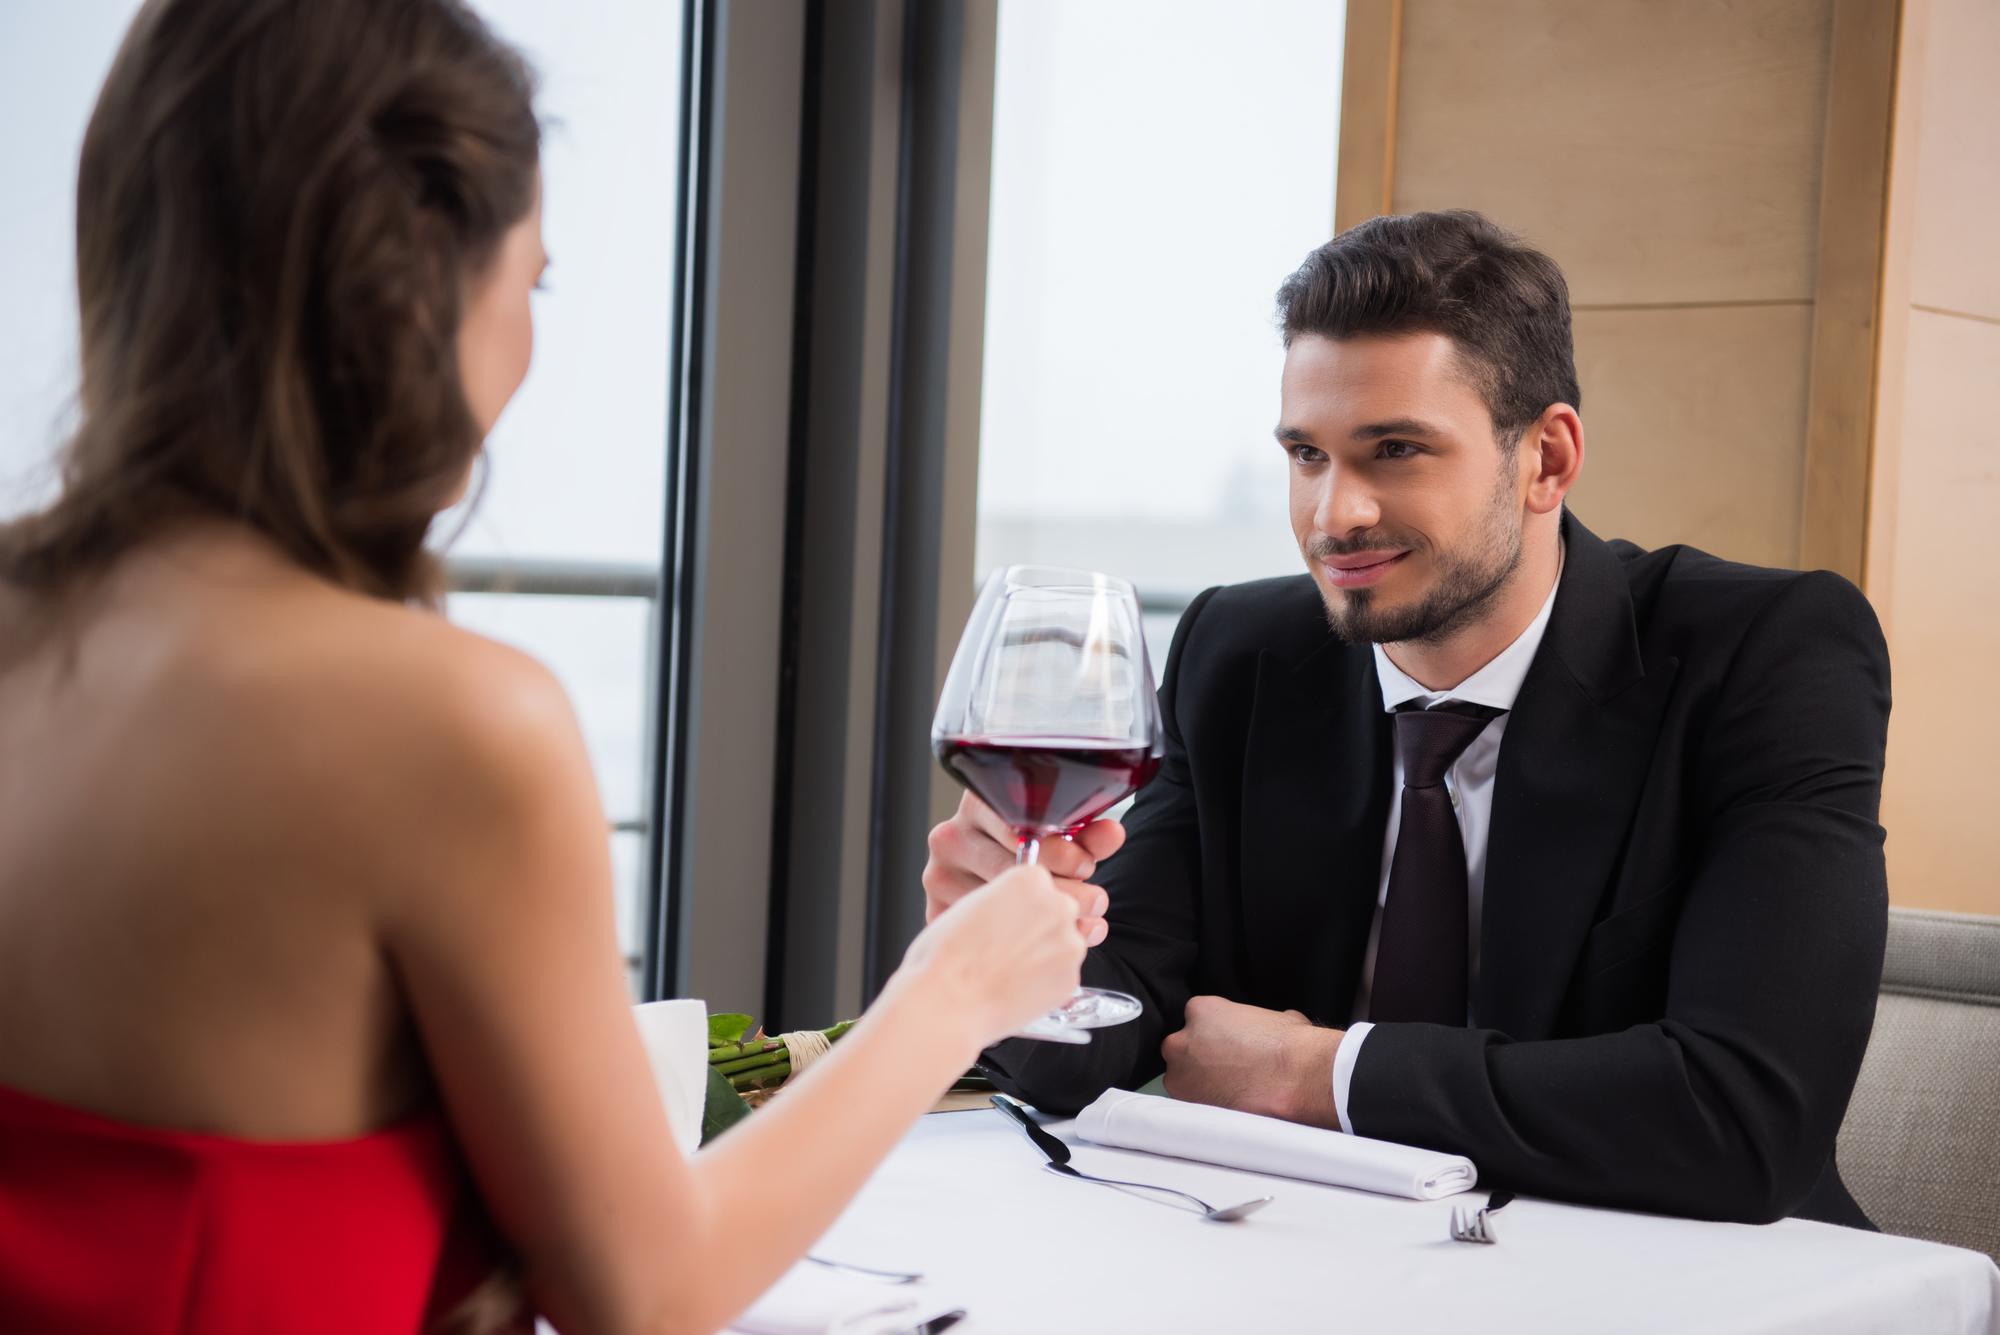 fælles interesse dating rubyradar dating site